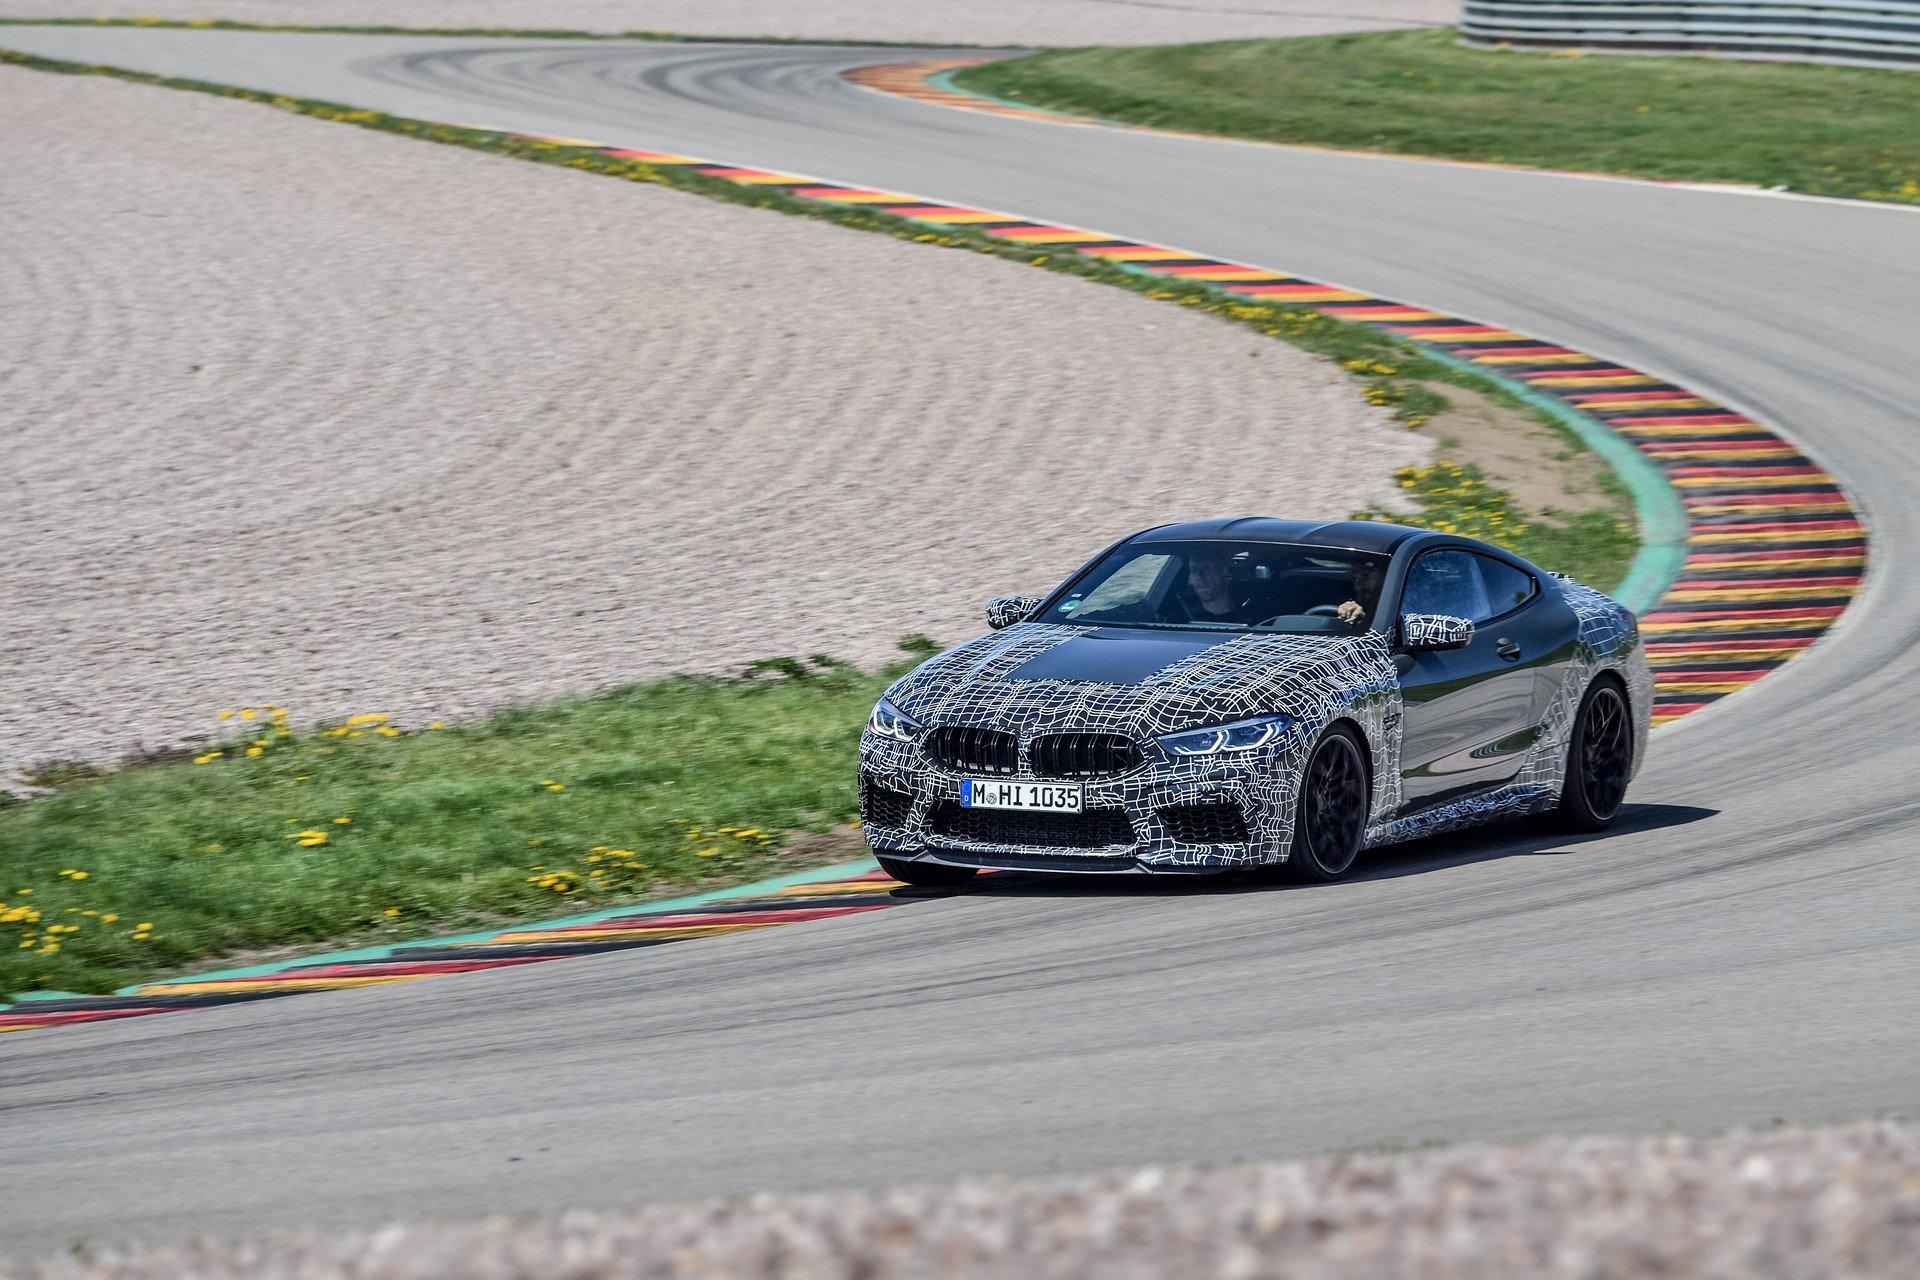 BMW-M8-spy-photos-17